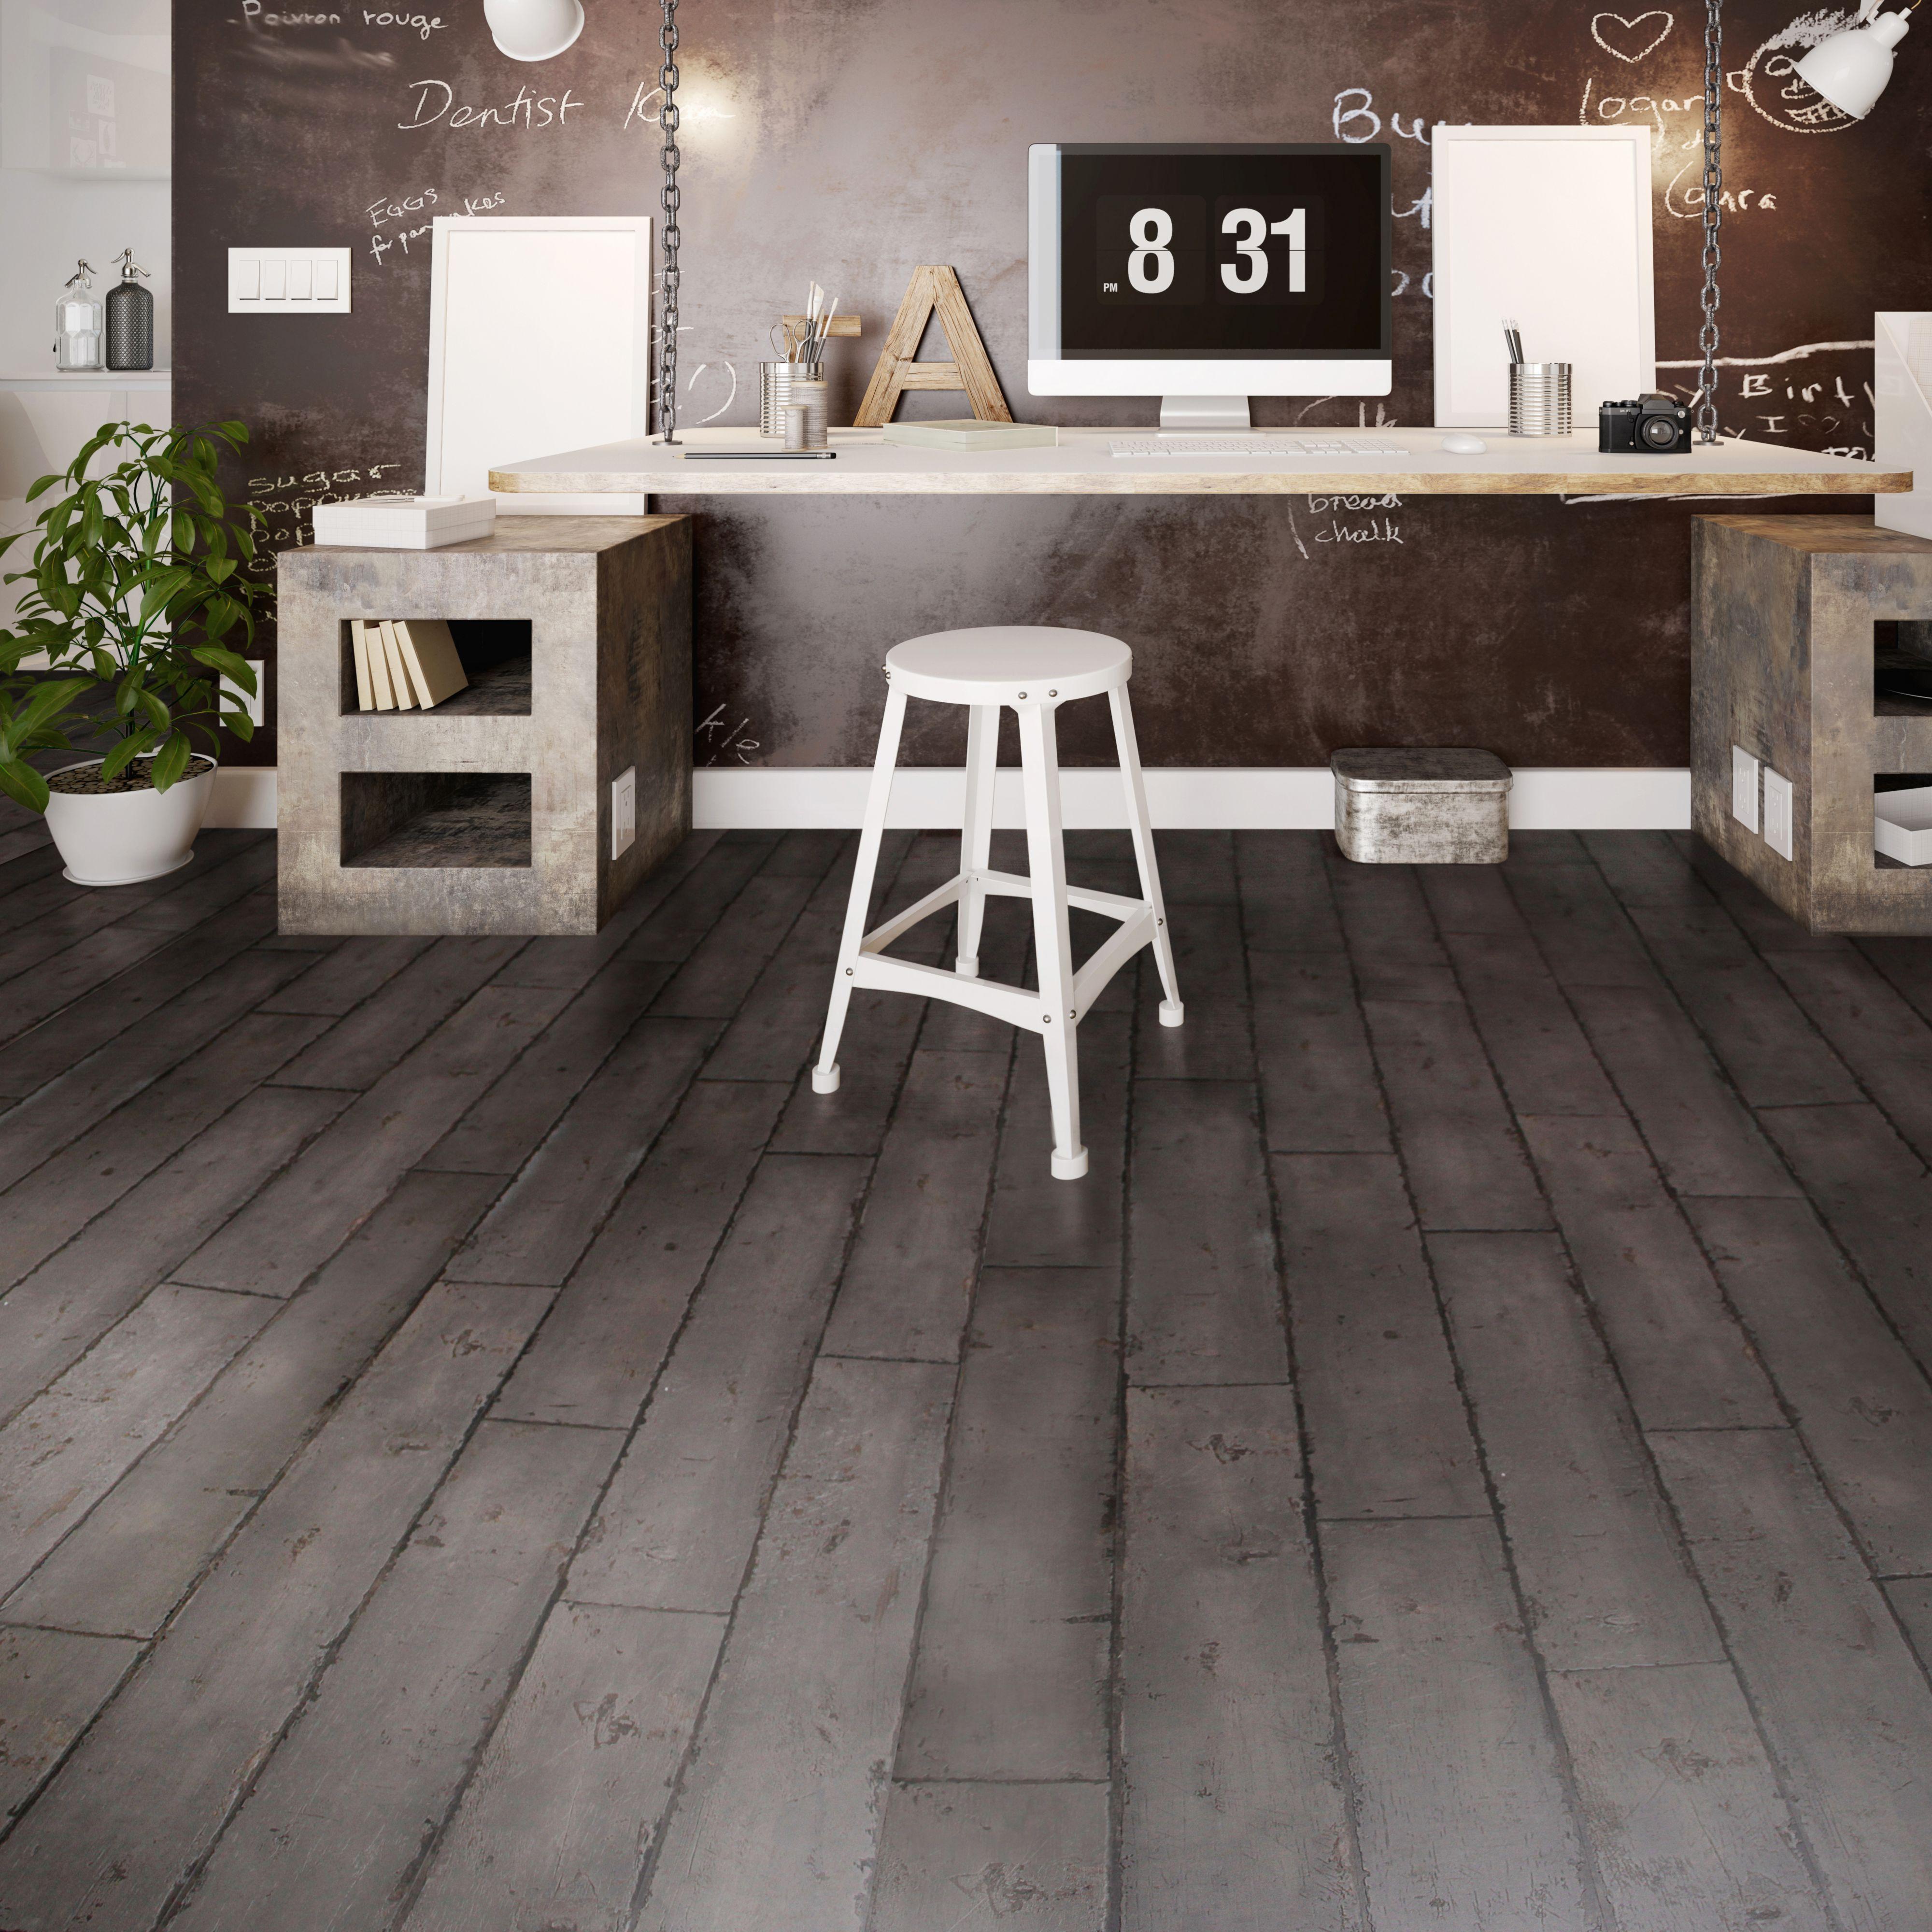 Washed Wood Effect Waterproof Luxury Vinyl Click Flooring Sample